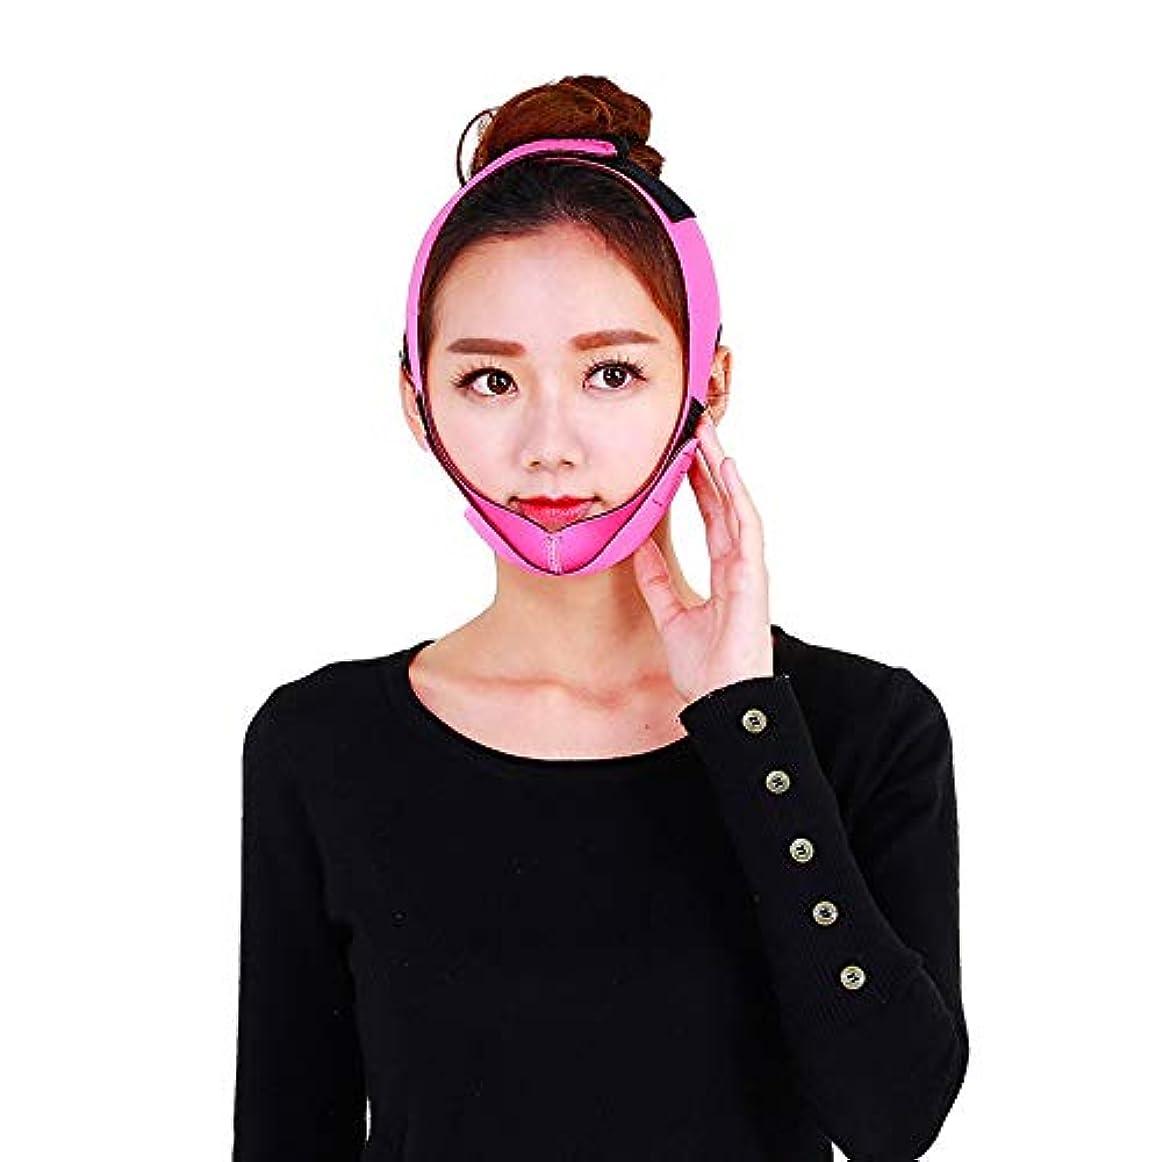 正確さ刈る患者飛強強 顔の持ち上がる痩身ベルト - 薄い顔包帯二重あごのデバイス無料の顔のマッサージ整形マスクが顔と首を締めます スリムフィット美容ツール